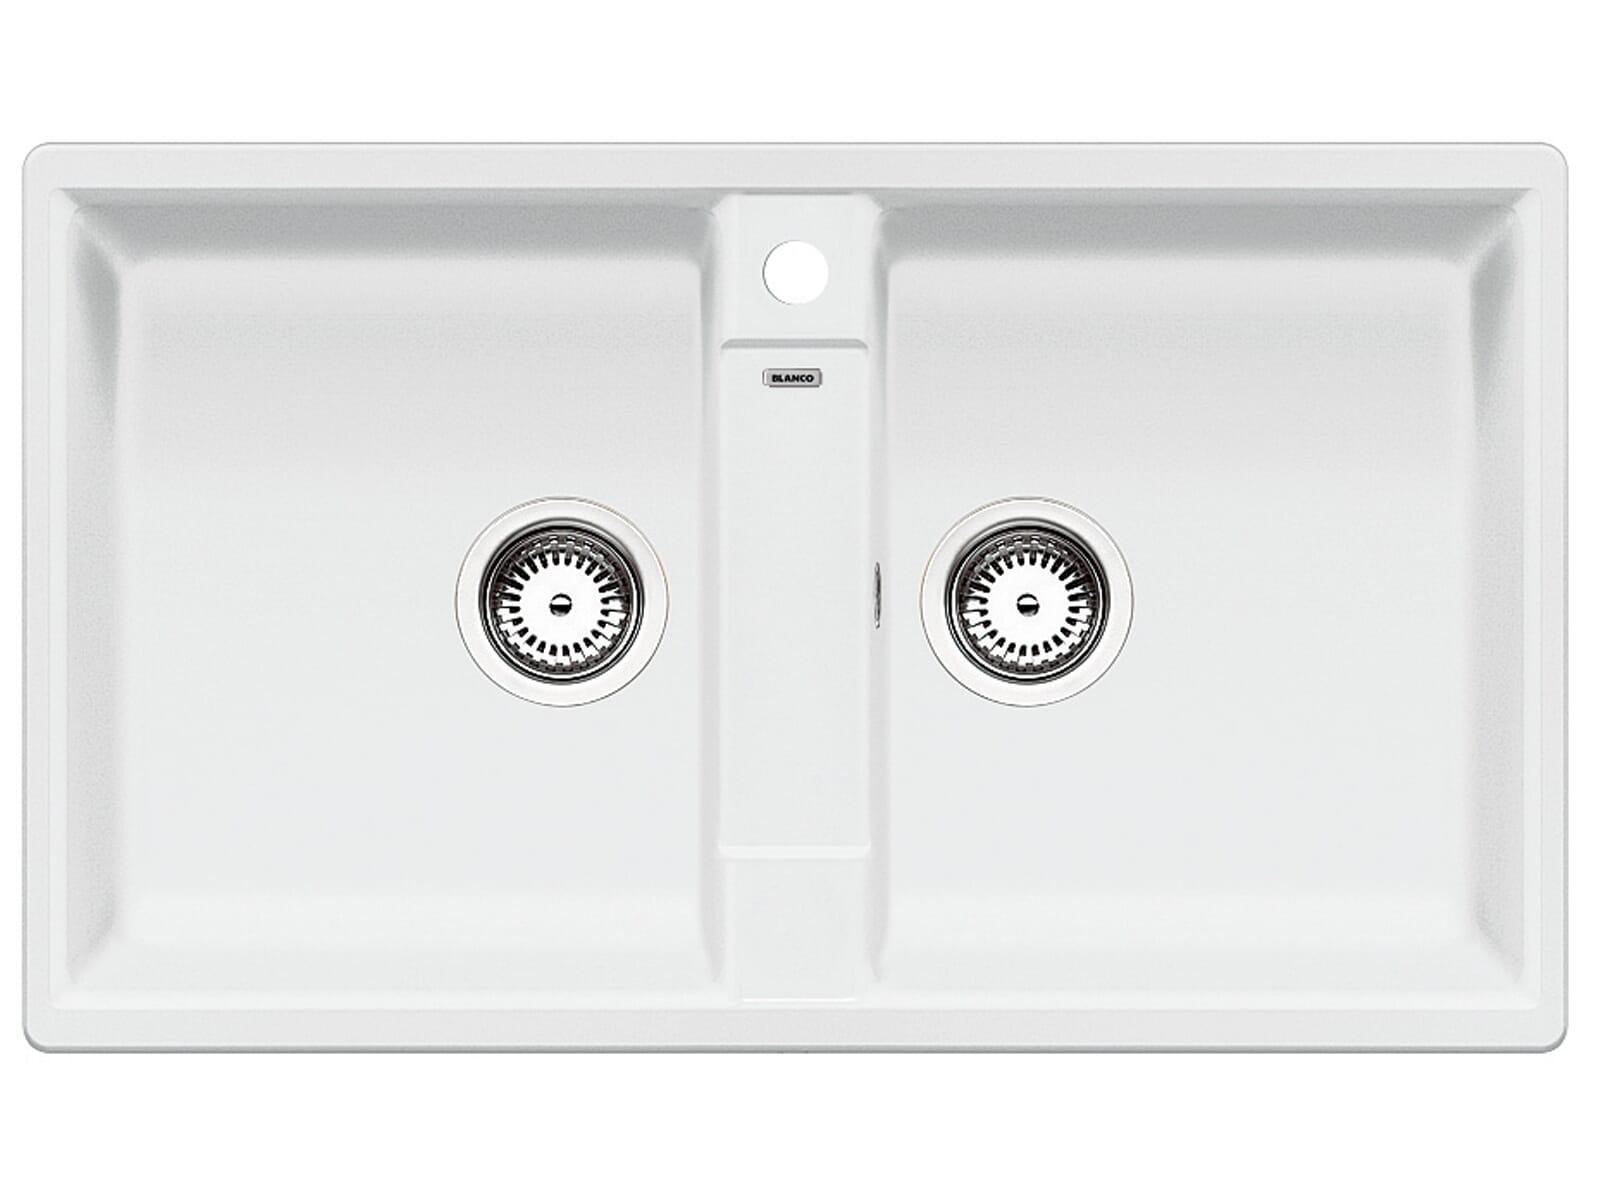 Blanco Zia 9 Weiß - 516 678 Granitspüle